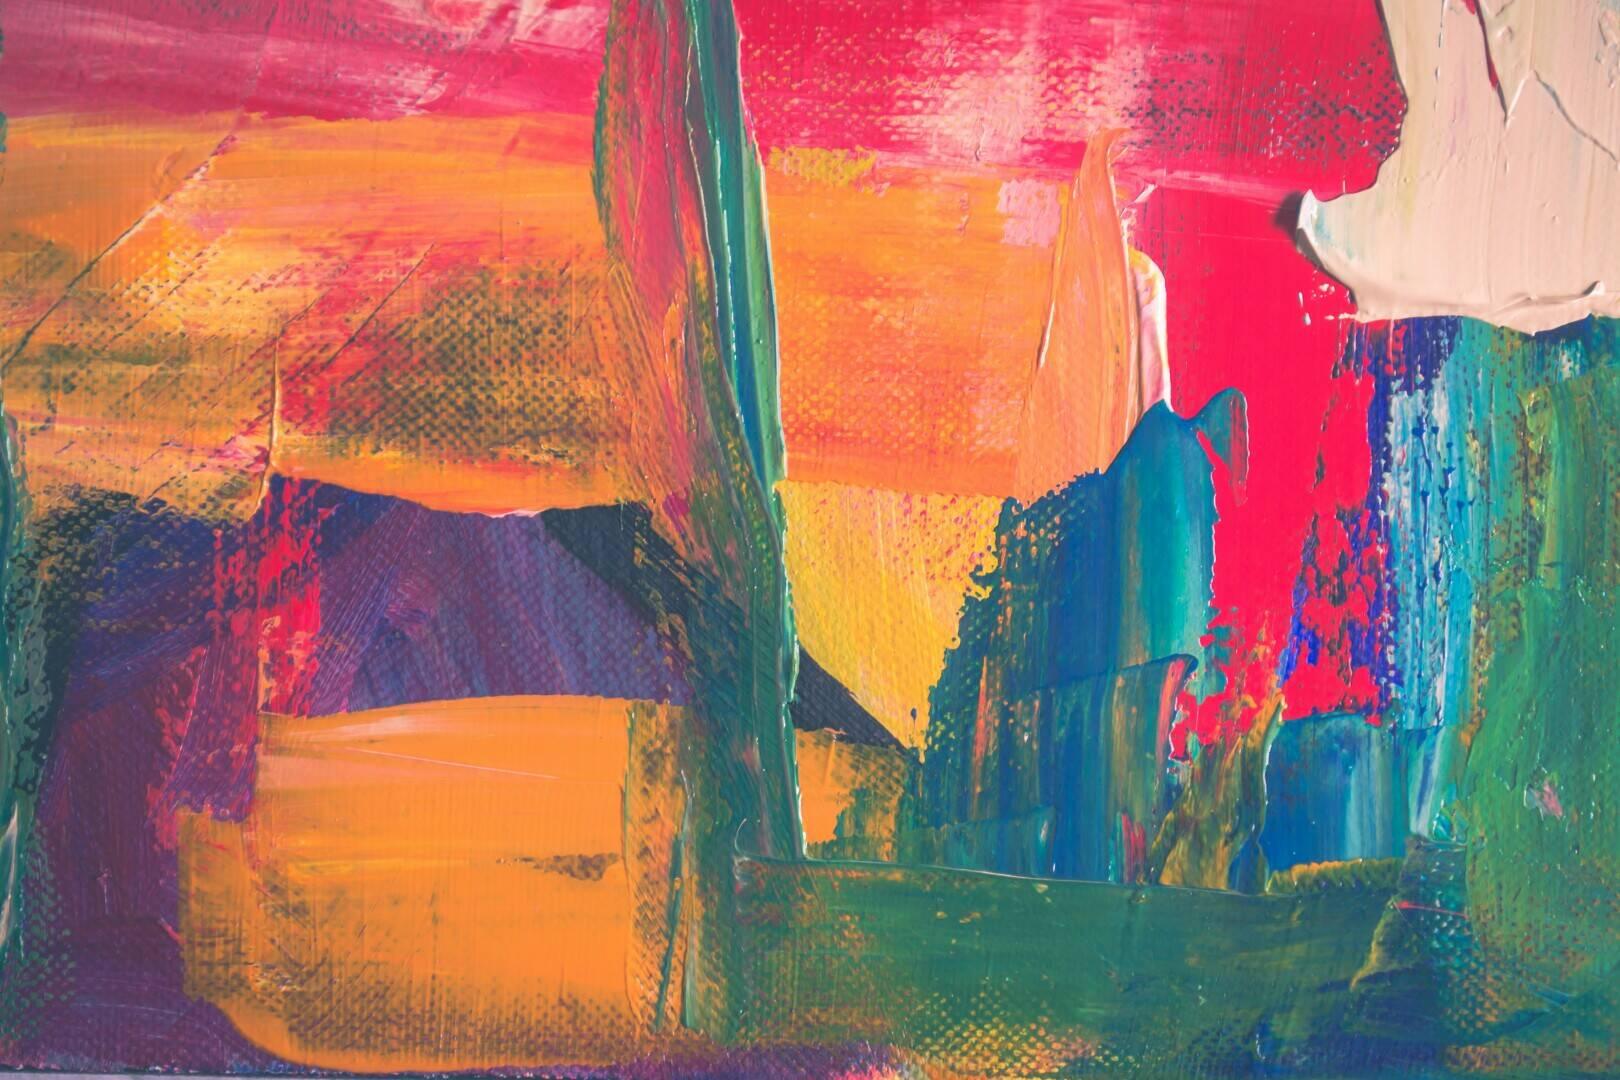 art-texture-abstractsteve-johnson.jpg